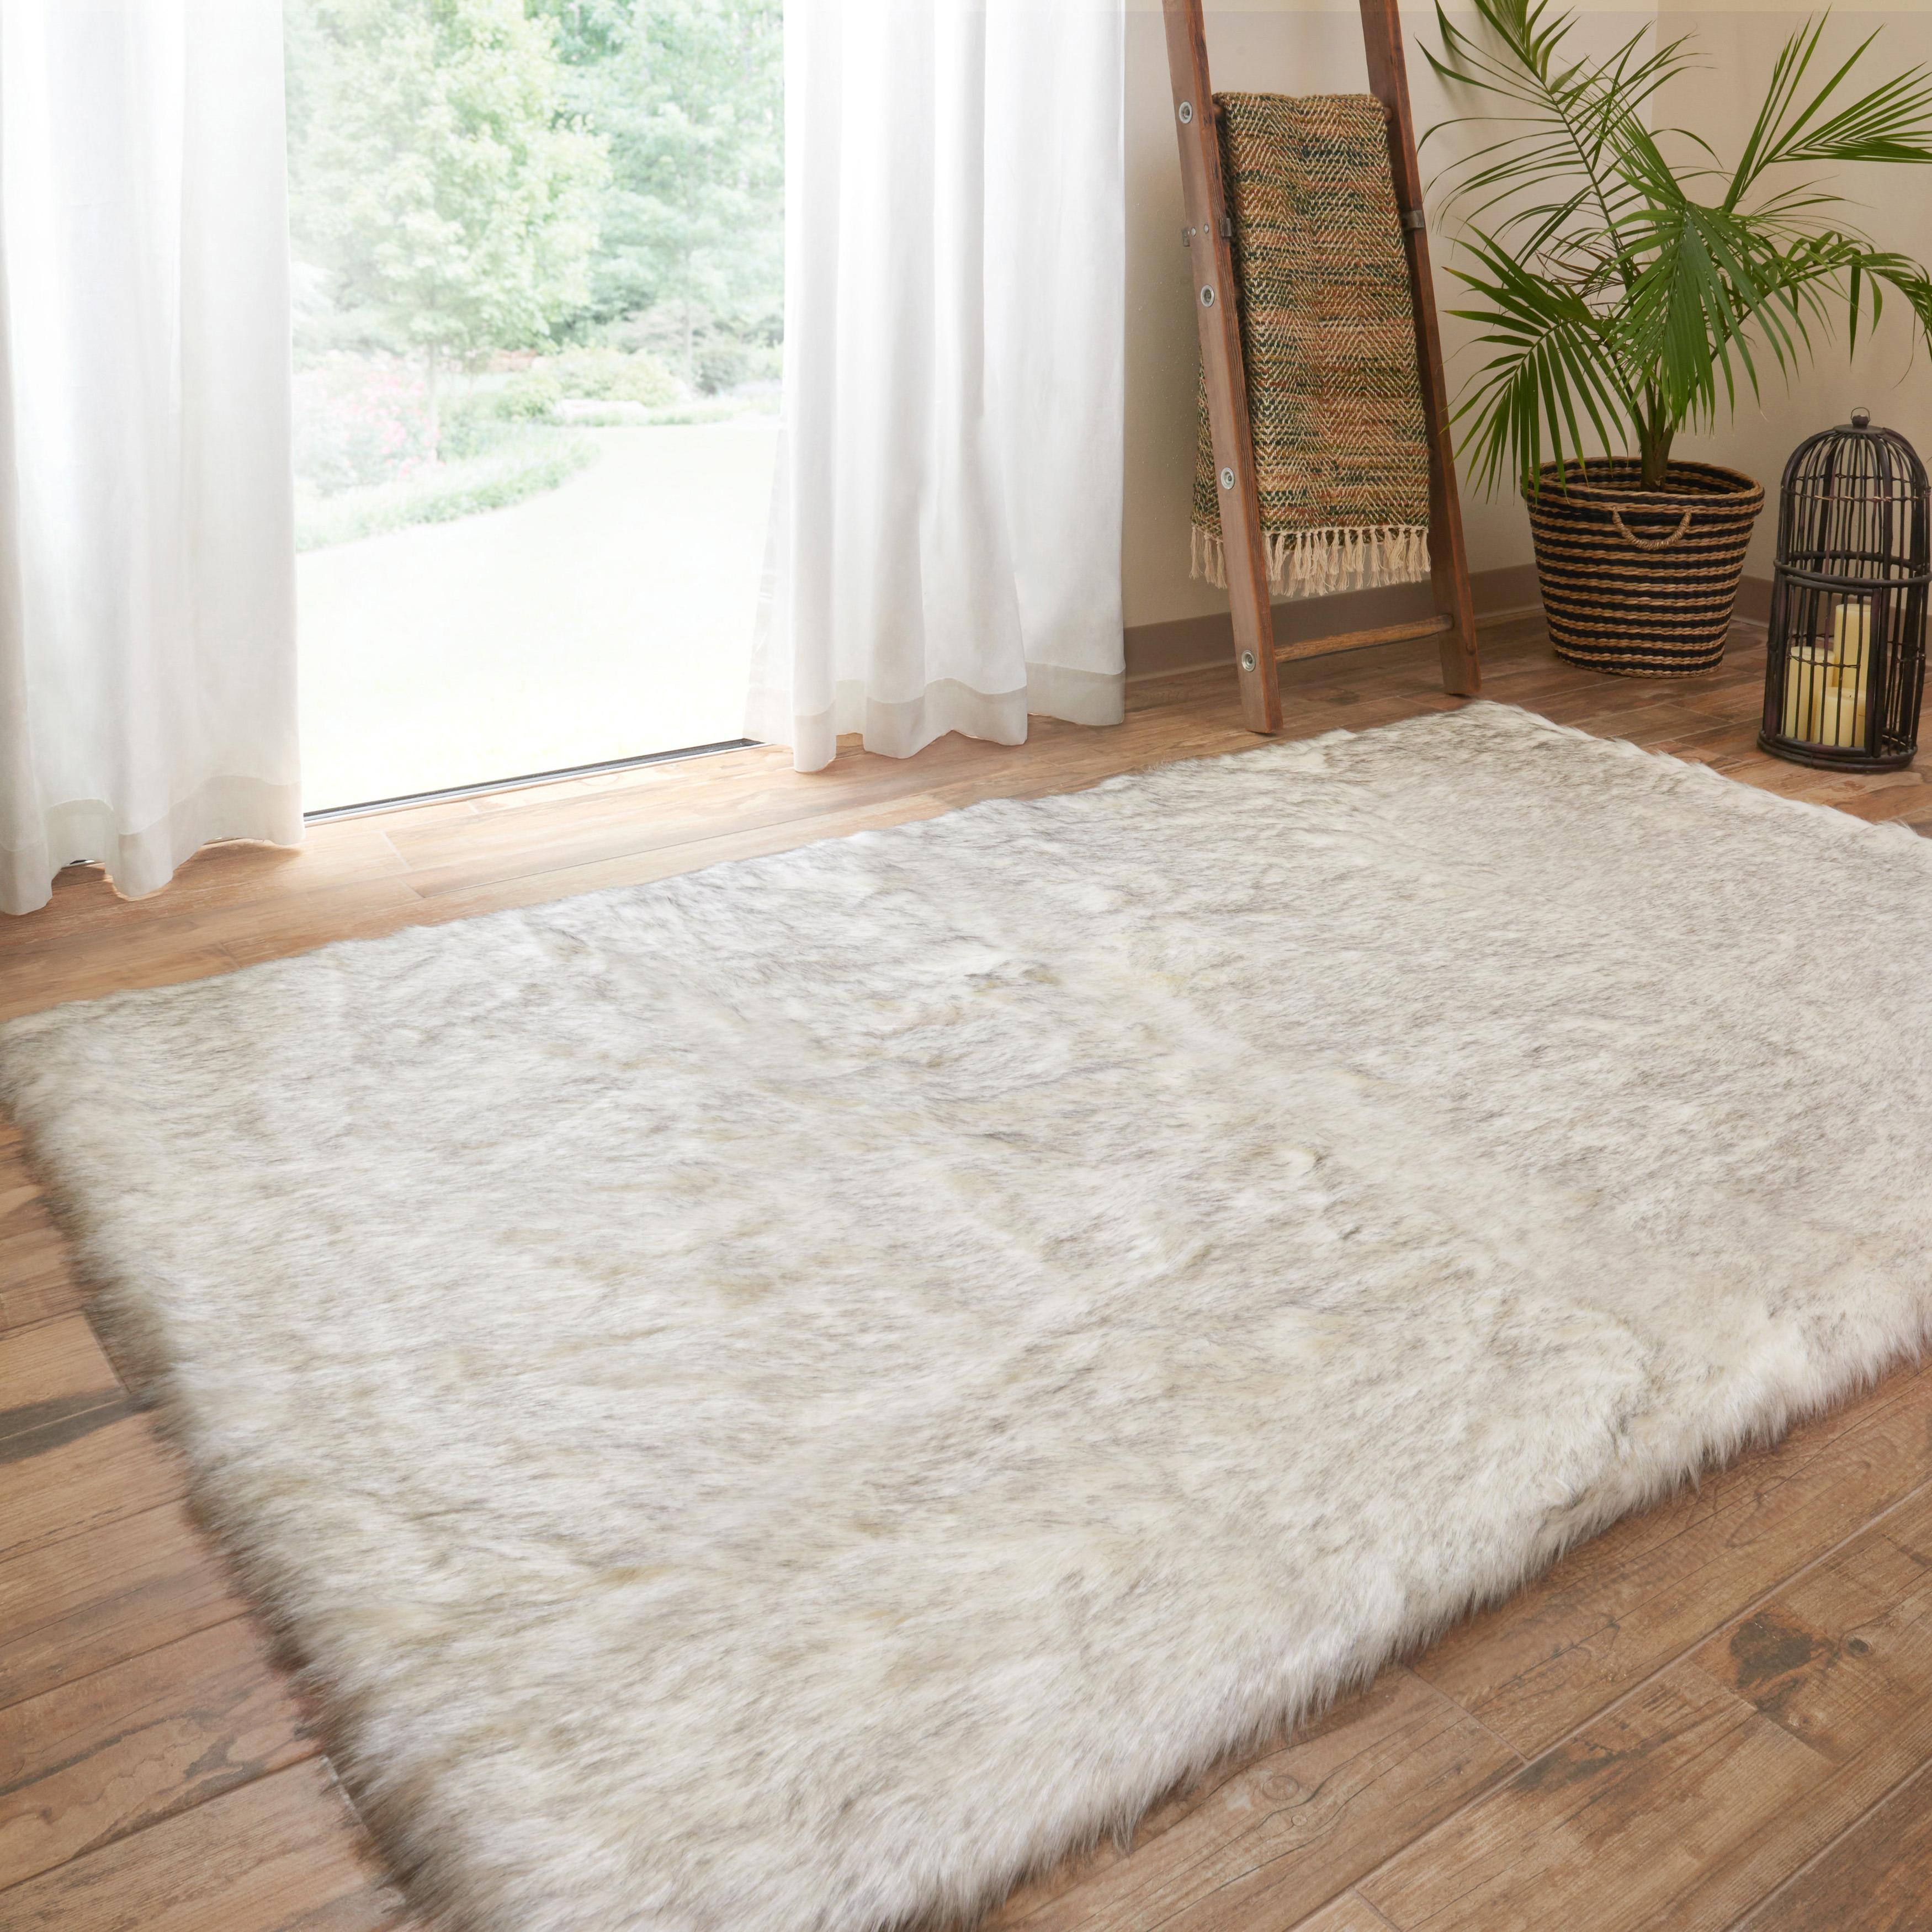 Alexander Home Faux Fur Ivory/ Grey Shag Rug (5'0 x 7'6) ...